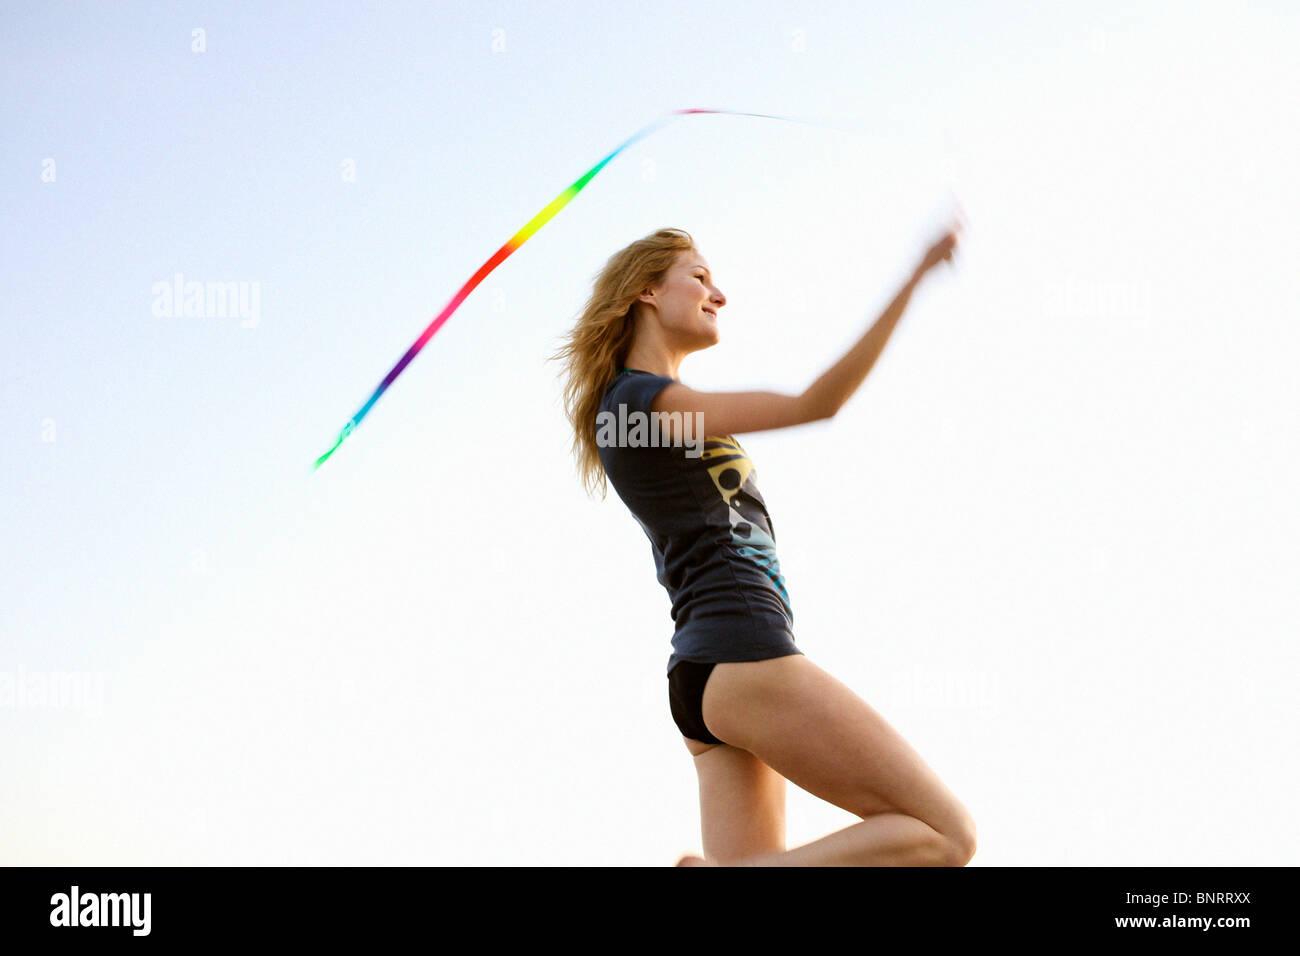 Giovane donna gioca con un nastro colorato in spiaggia. Immagini Stock